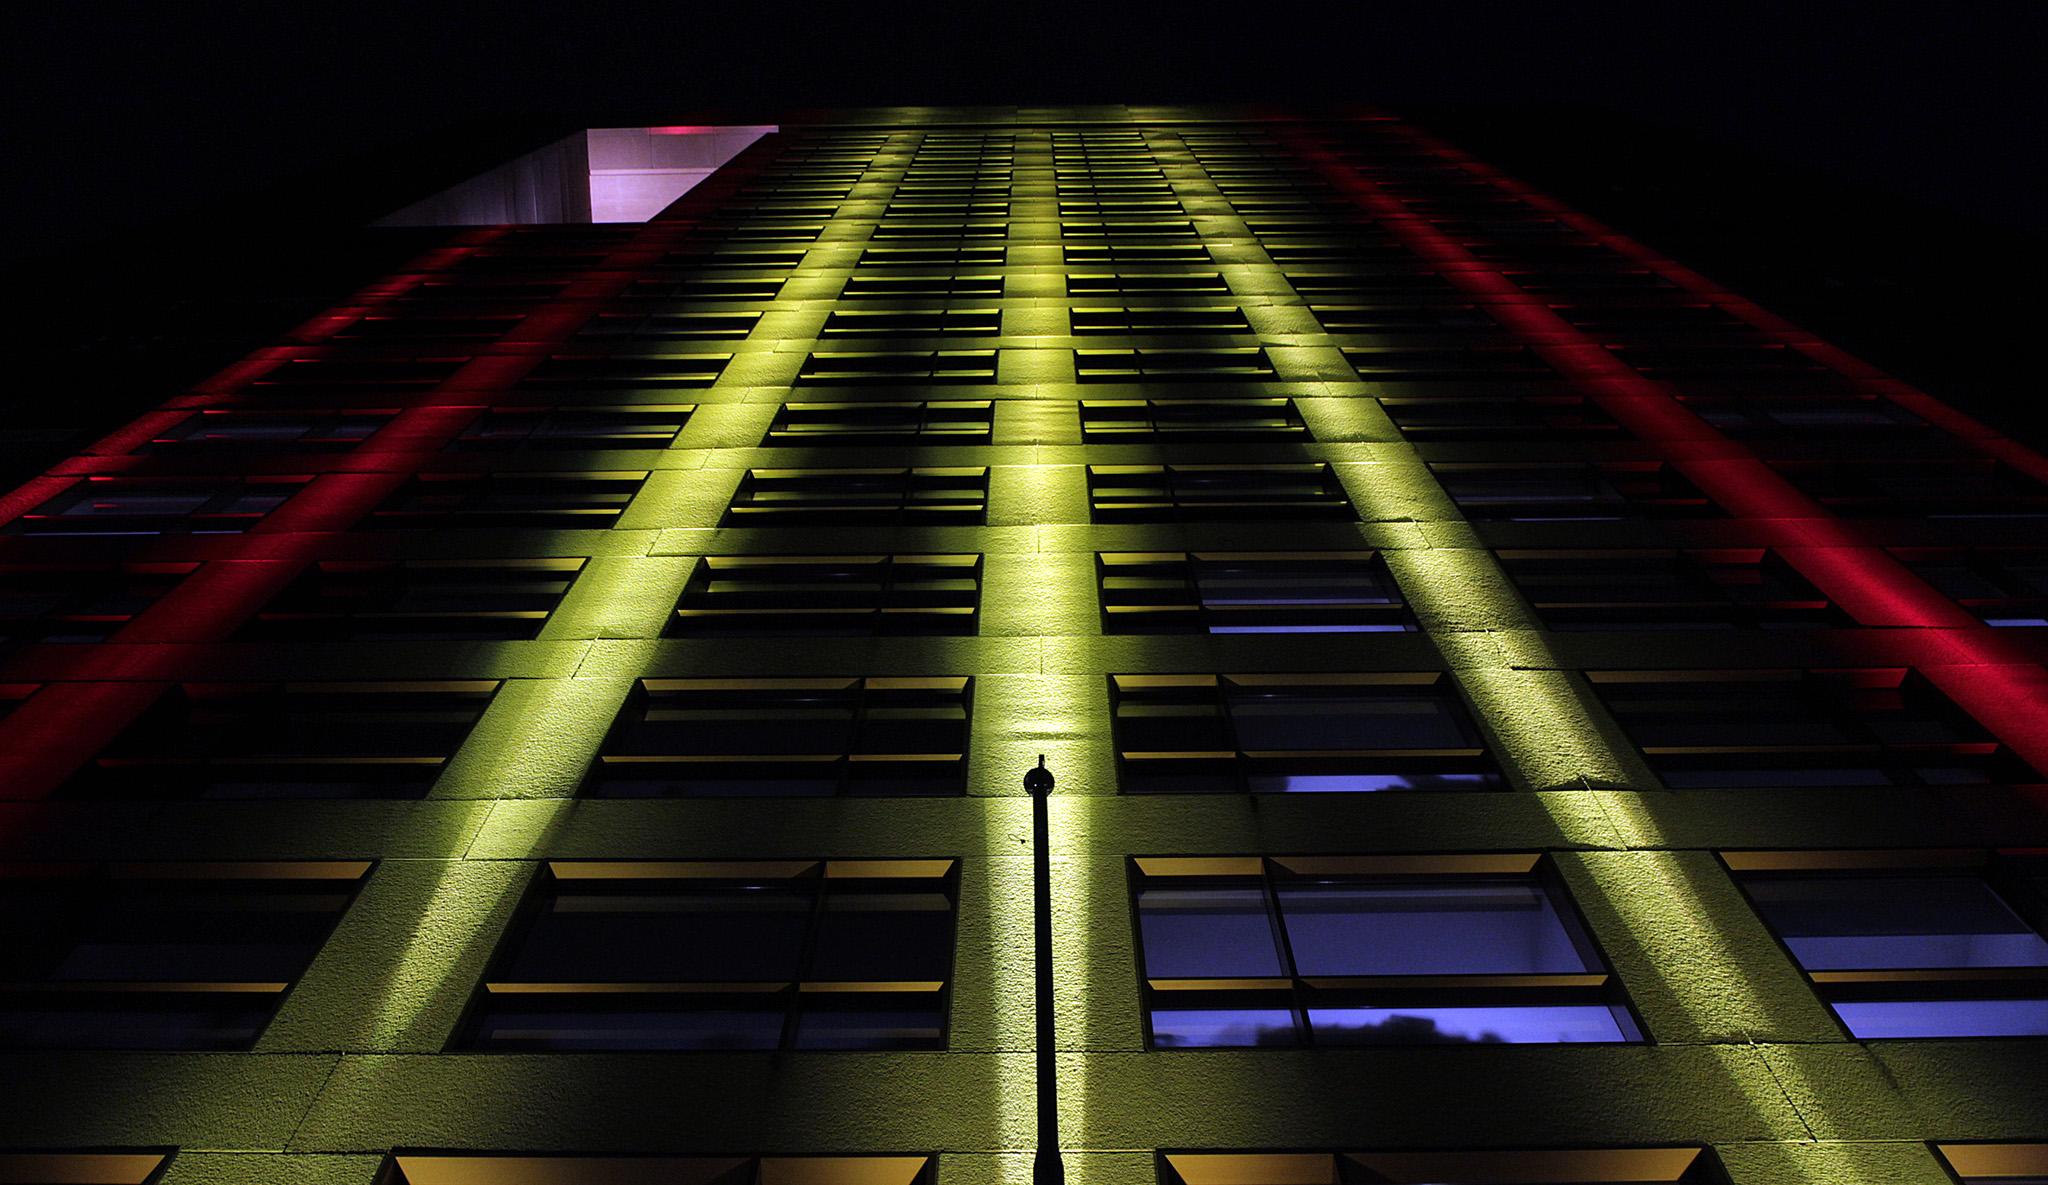 FOTO 3 Edificio de la SRE iluminado con los colores de Espa ajpg